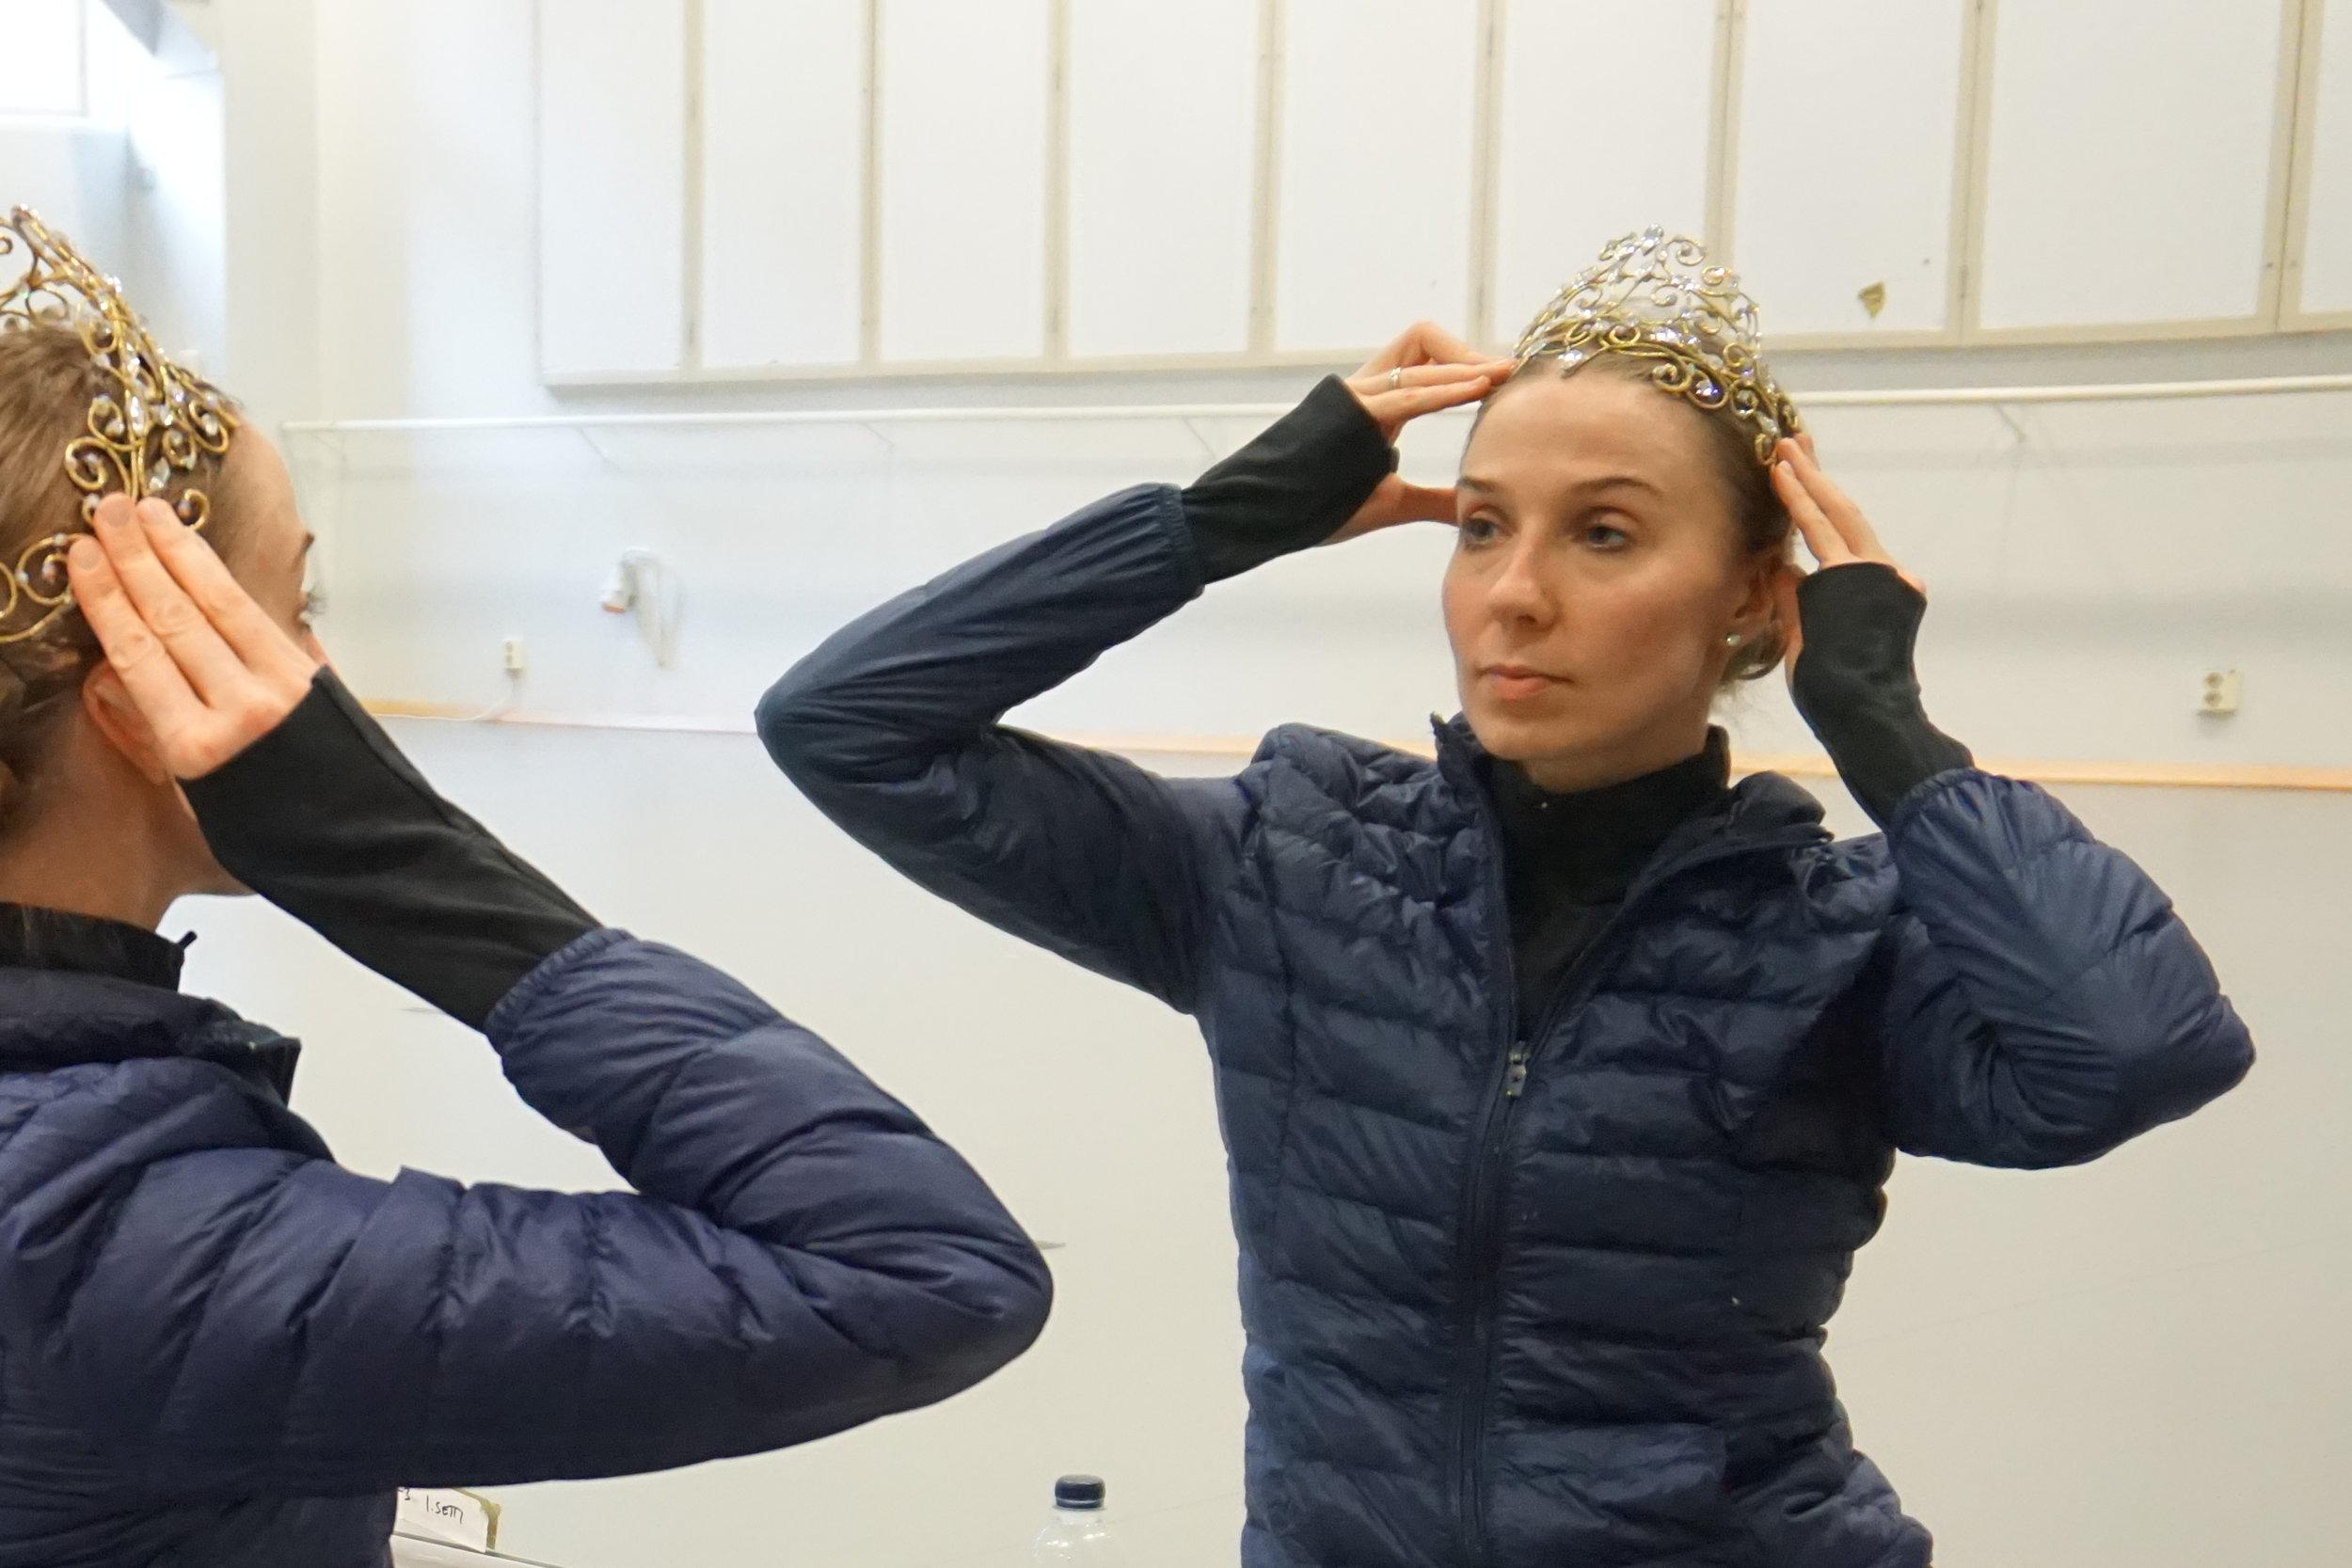 Suomen Kansallisbaletin tähtitanssija Tiina Myllymäki valmistautuu Prinsessa Ruusunen -esitykseen 3.3.2019